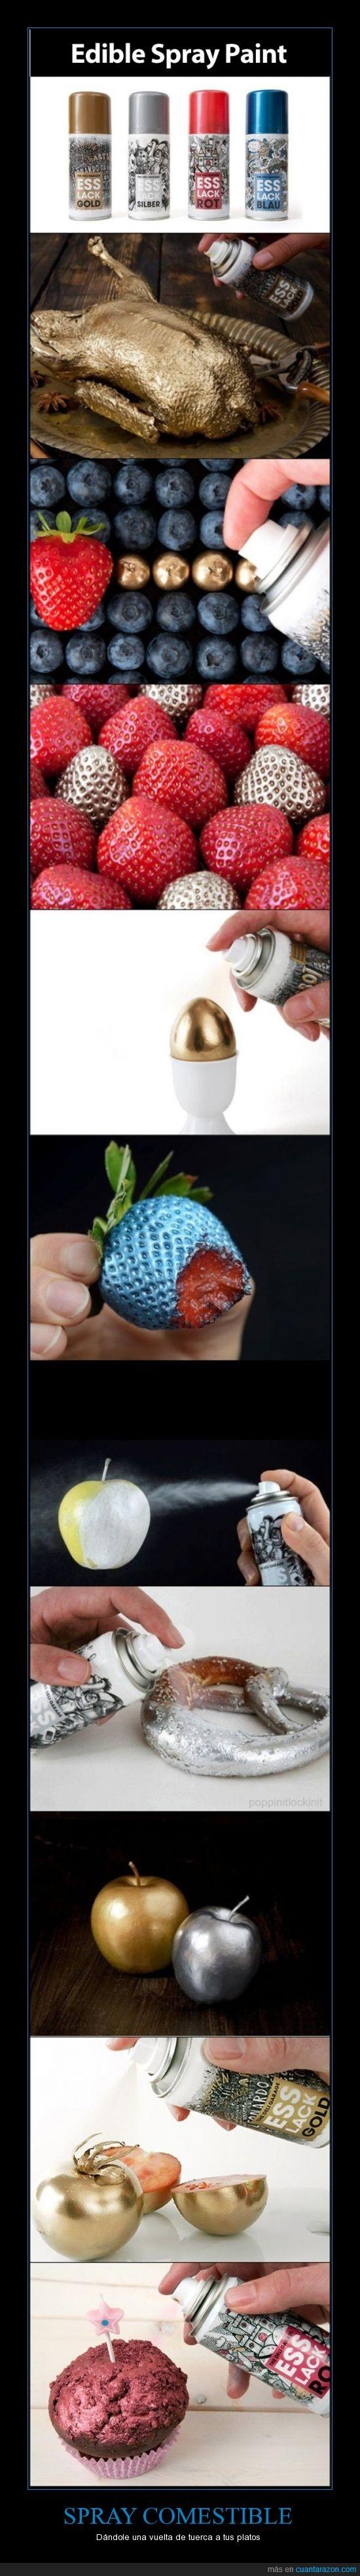 comestible,Edible,fotos,frutas,pintura,real,yo tampoco lo creo